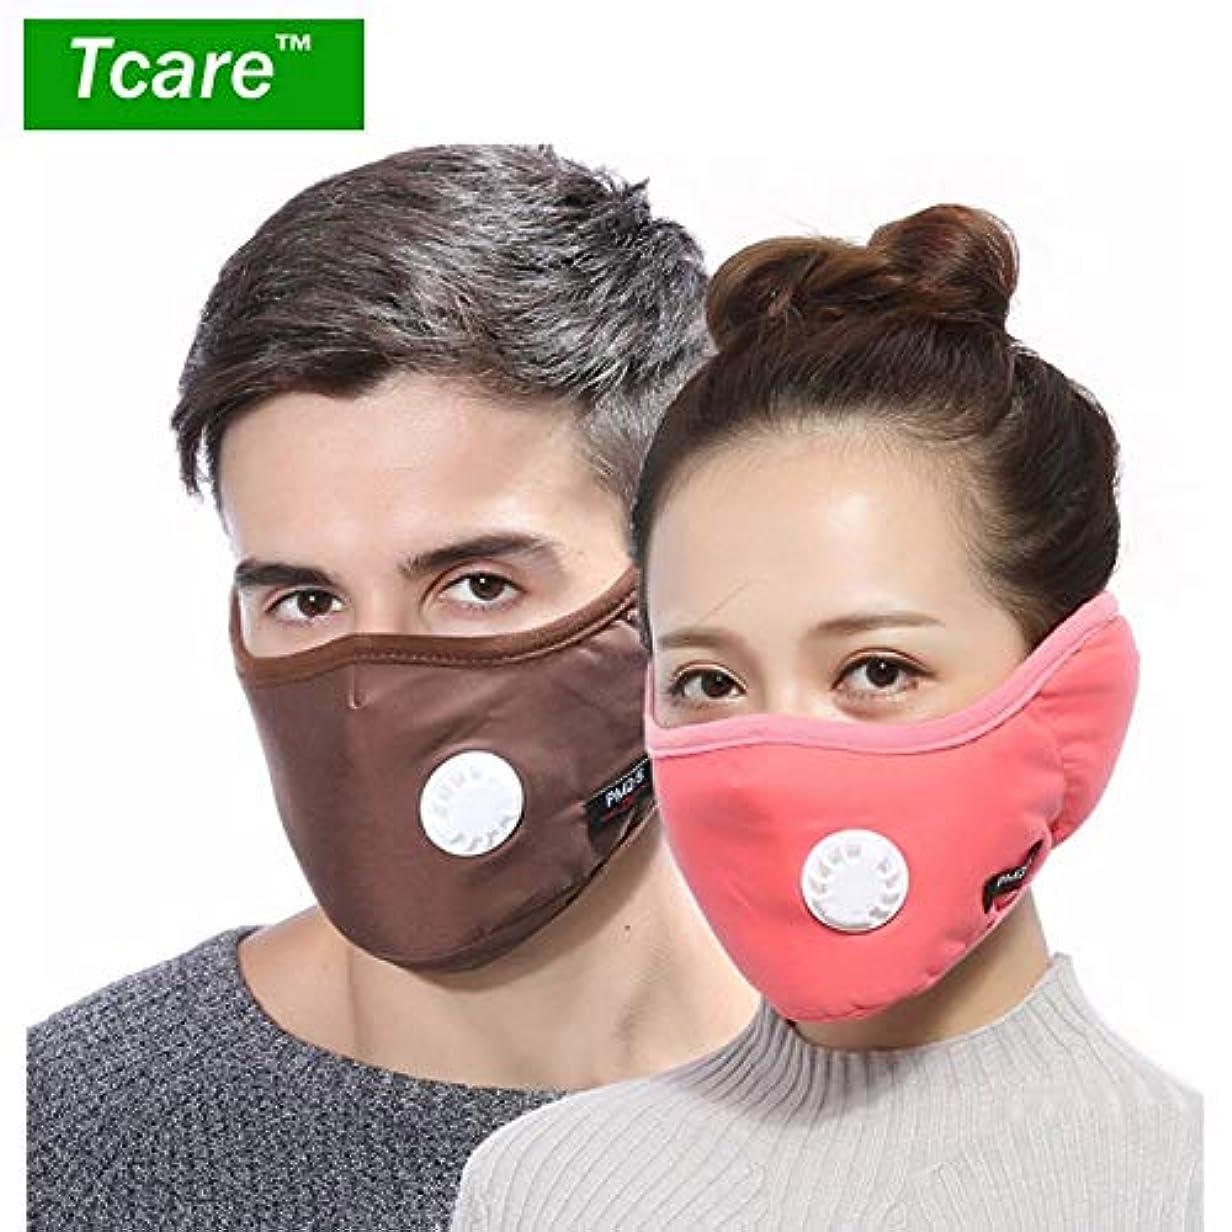 Tcare 2 1におけるPM2.5マスクバルブコットンアンチダスト口マスクの冬のイヤーマフActtedフィルター付マスク:9アーミーグリーン